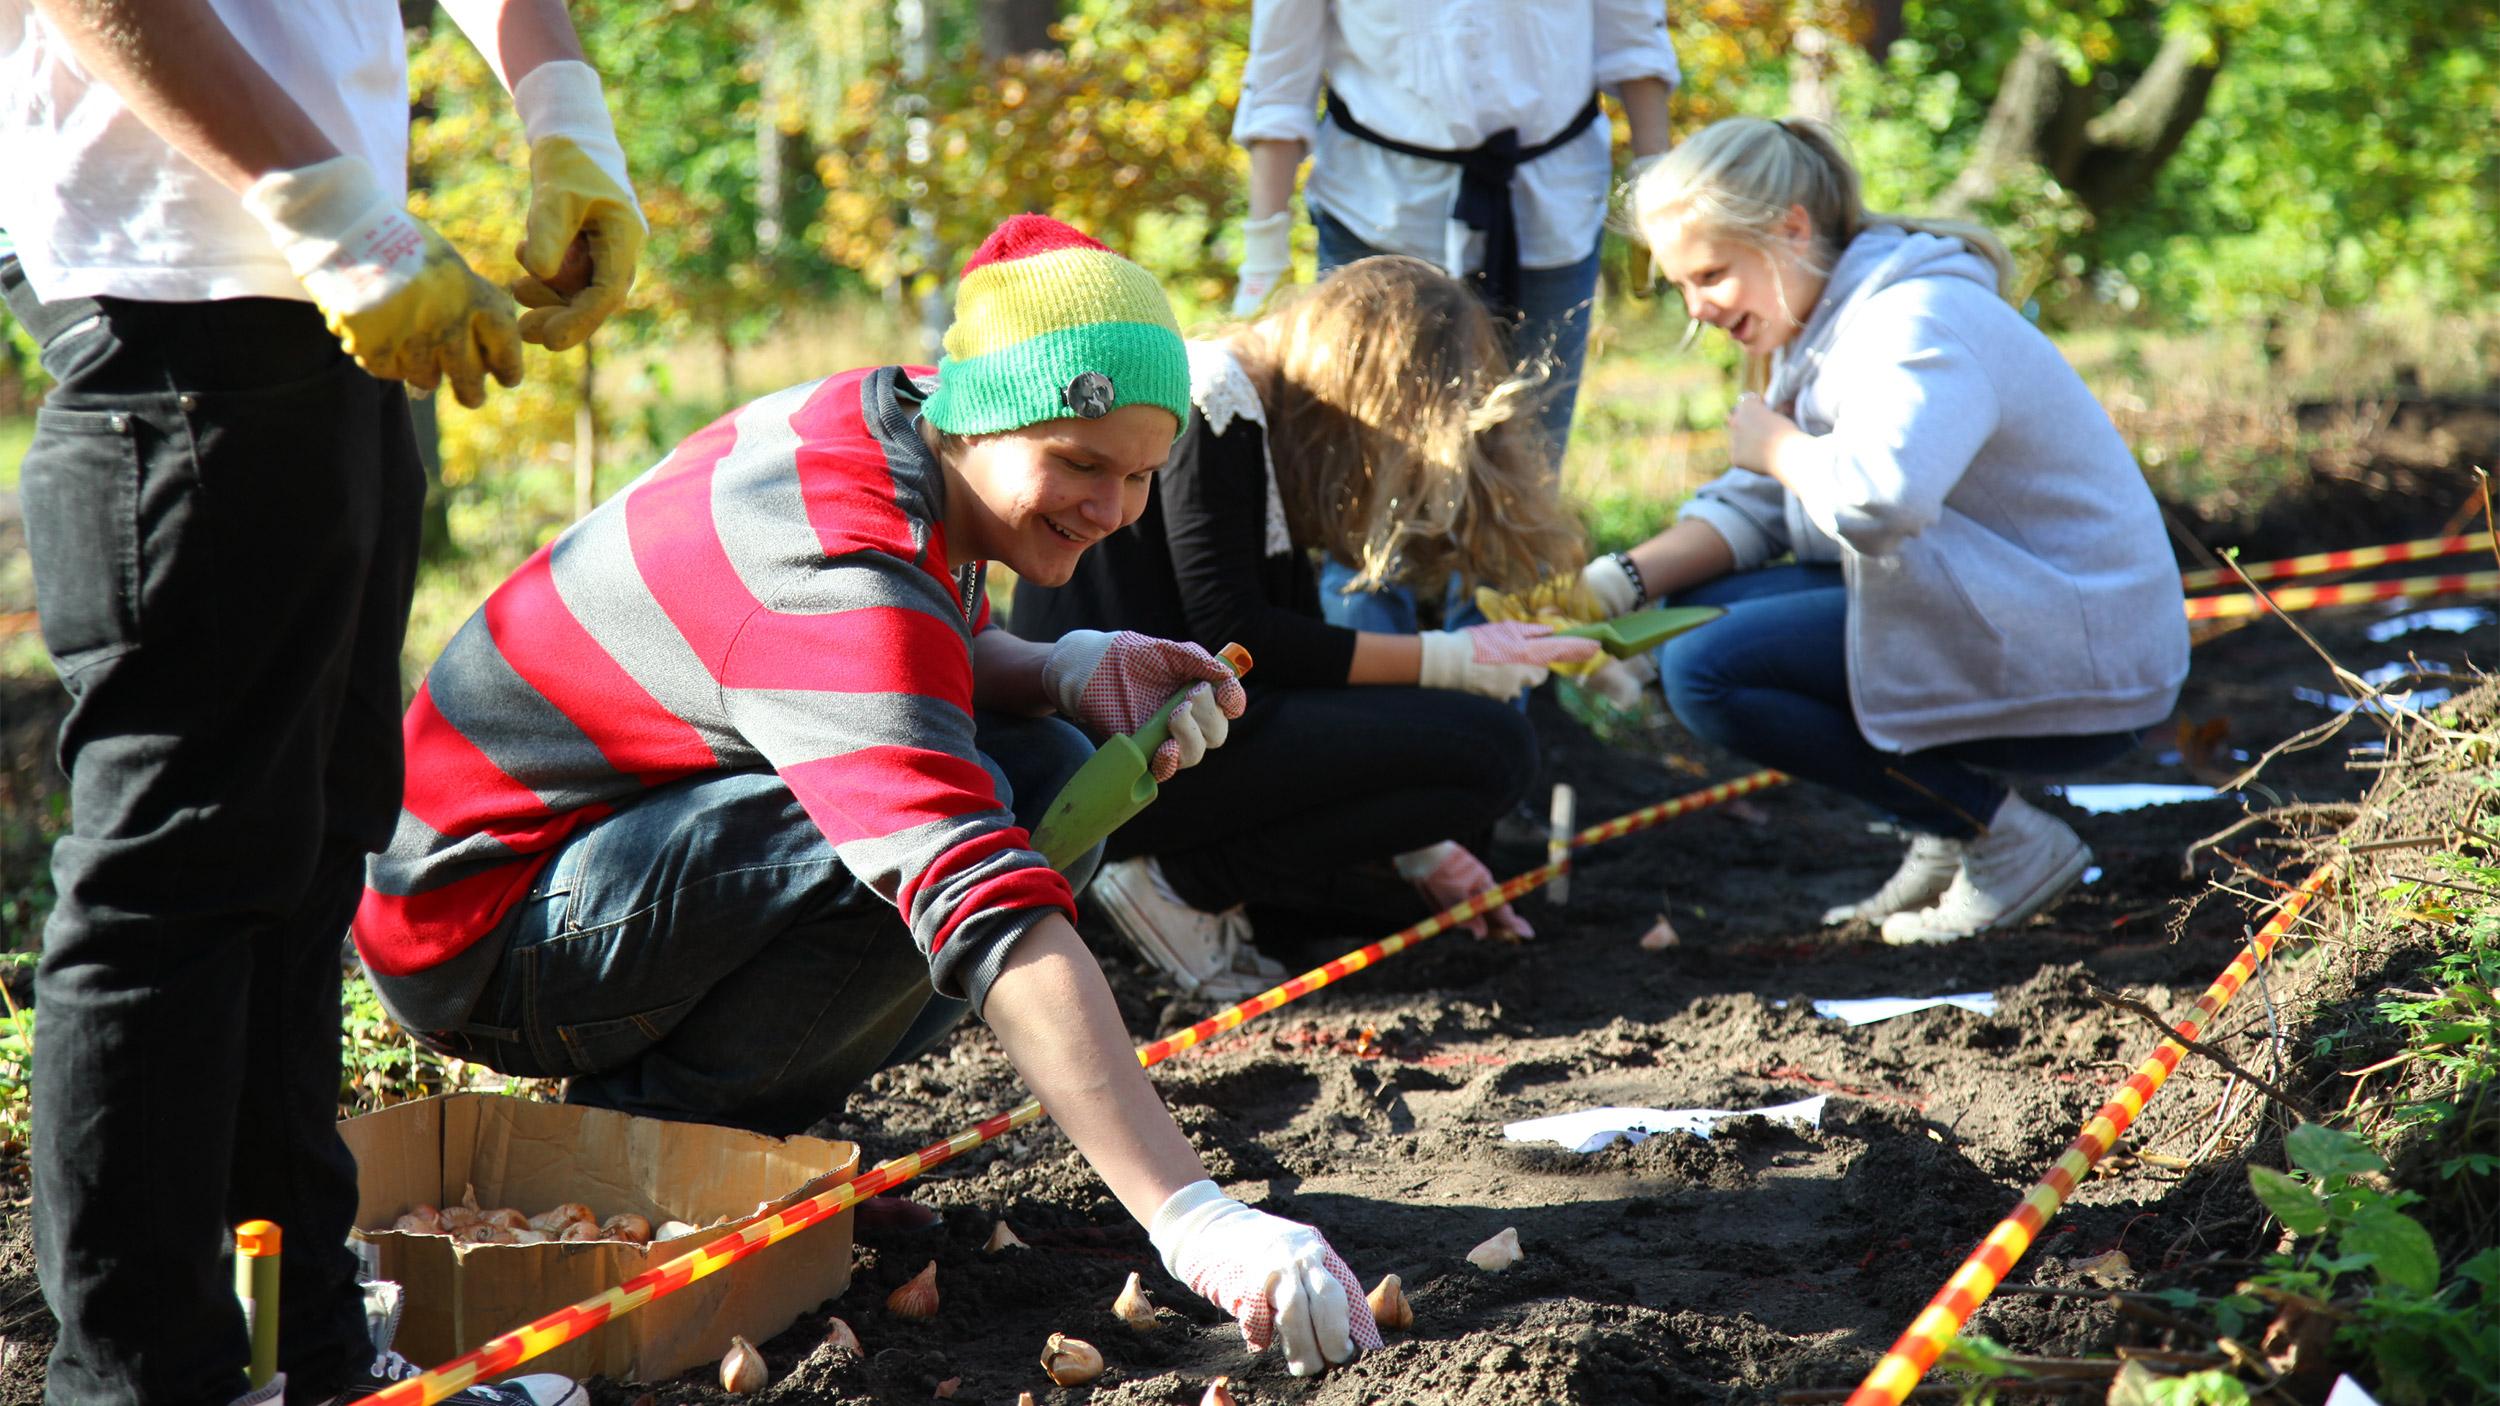 Kauniaissa toteutettiin osallistava taideprojekti Rytmi, joka kutsui asukkaat istuttamaan väliaikaisen puiston